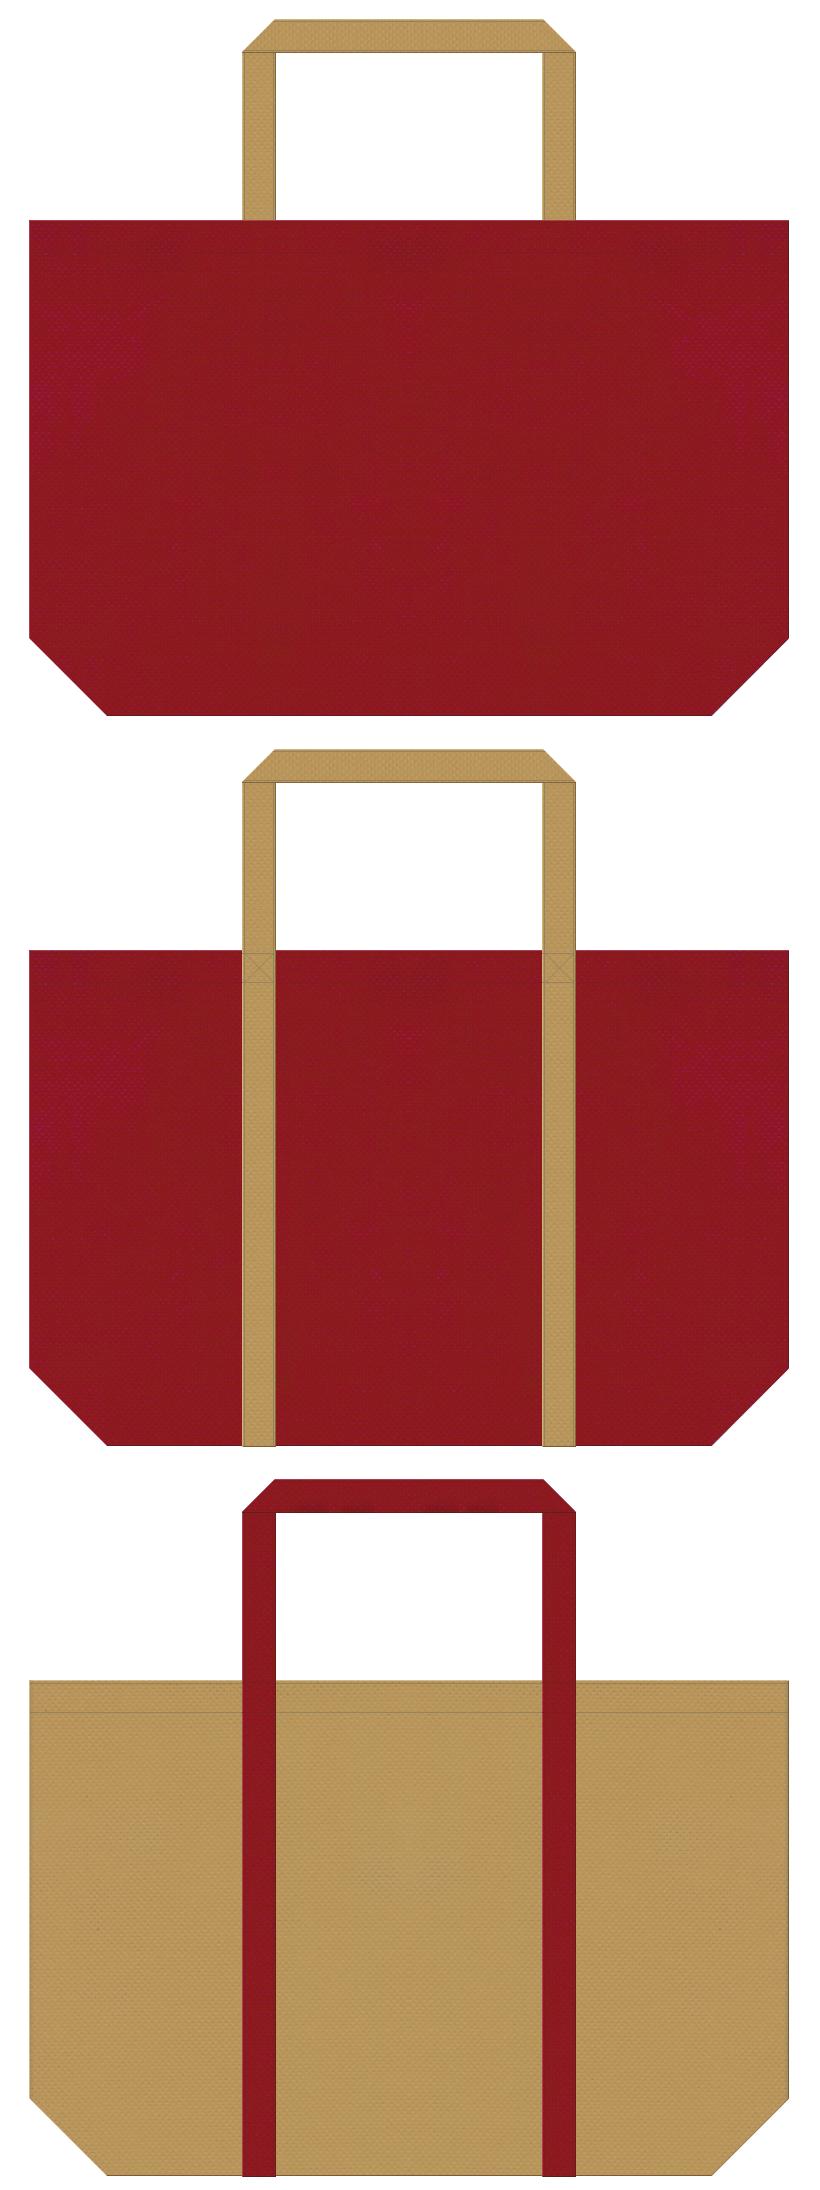 和傘・和風小物・和風装飾・演出・和風ディスプレイ・赤味噌・醤油・かつおだし・和風催事・カジュアル衣料のショッピングバッグ・福袋にお奨め:エンジ色と金黄土色の不織布ショッピングバッグのデザイン